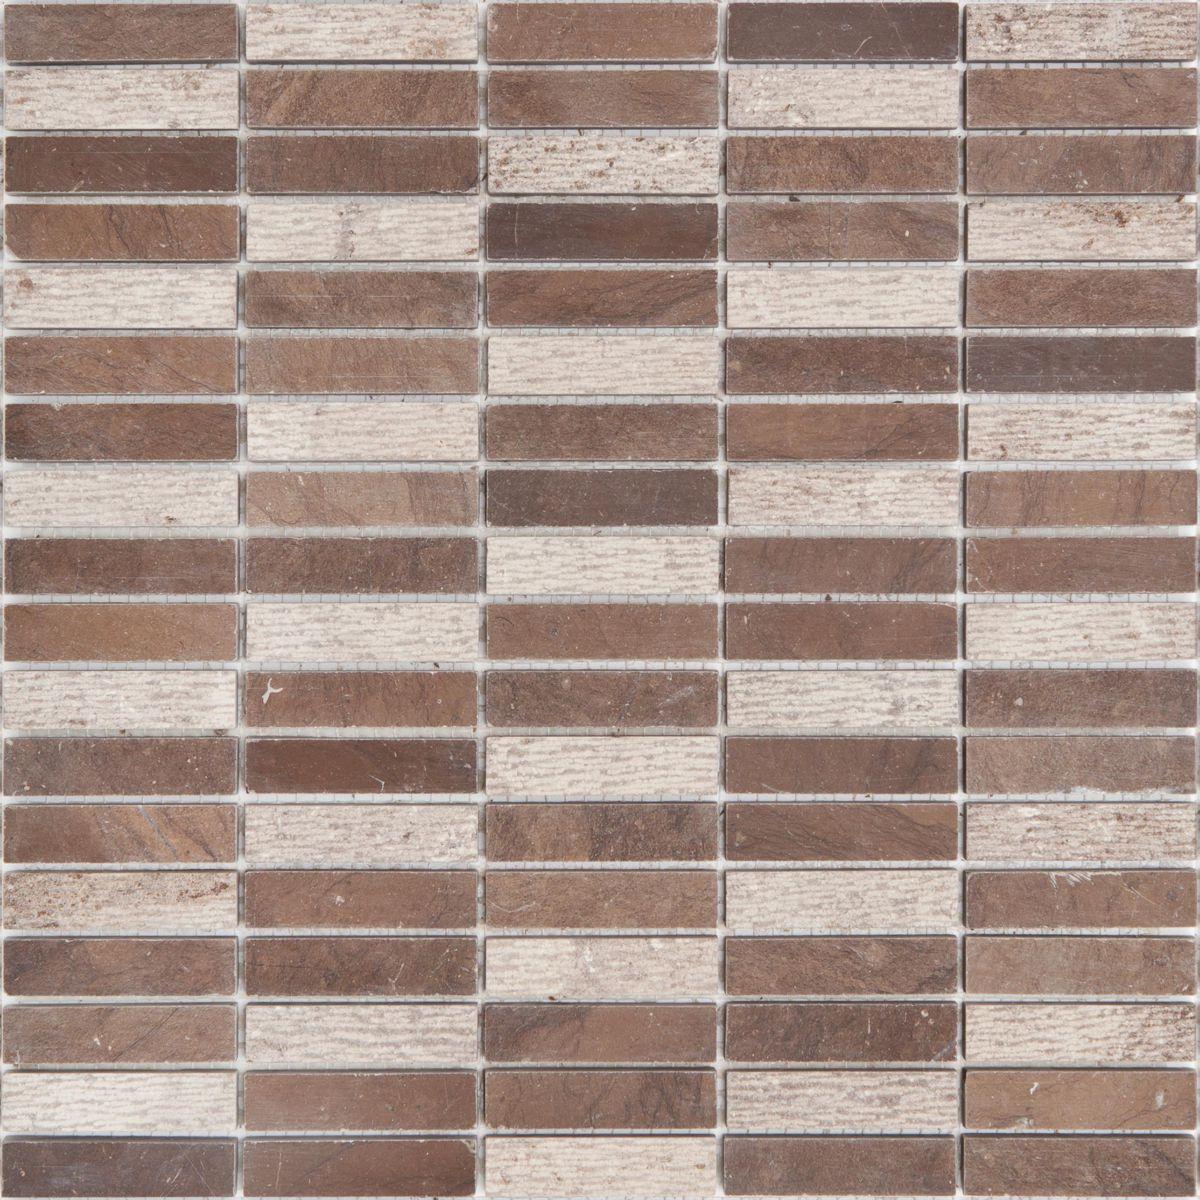 Mur En Pierre Naturelle mosaïque sol/mur intérieur pierre naturelle djenné cm-15007 - brown - sur  plaque 30,5x30,8 cm